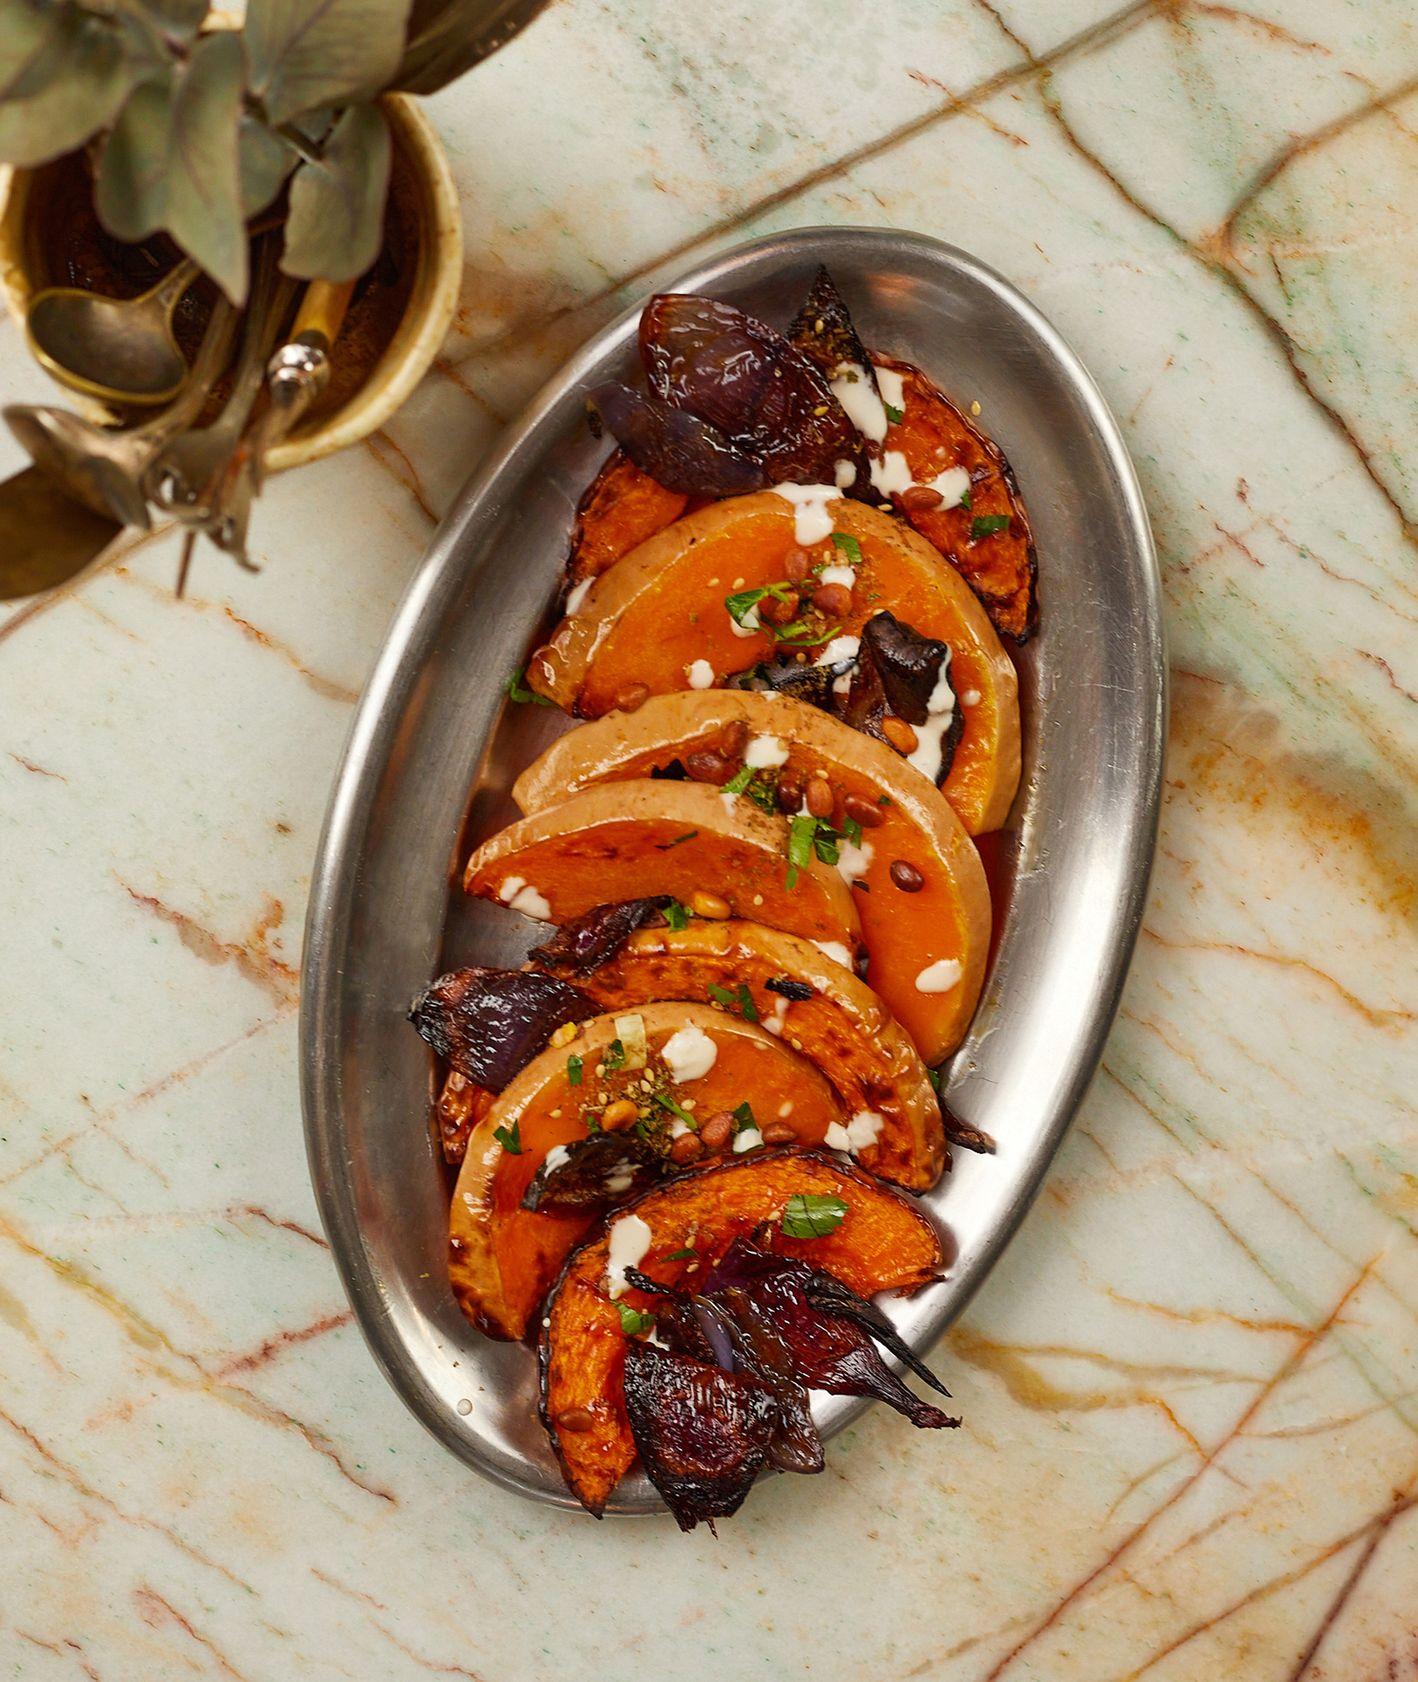 Przepis – czerwone cebule i bataty, pomysł na bataty z sosem tahini, kuchnia izraelska (fot. Maciej Niemojewski)